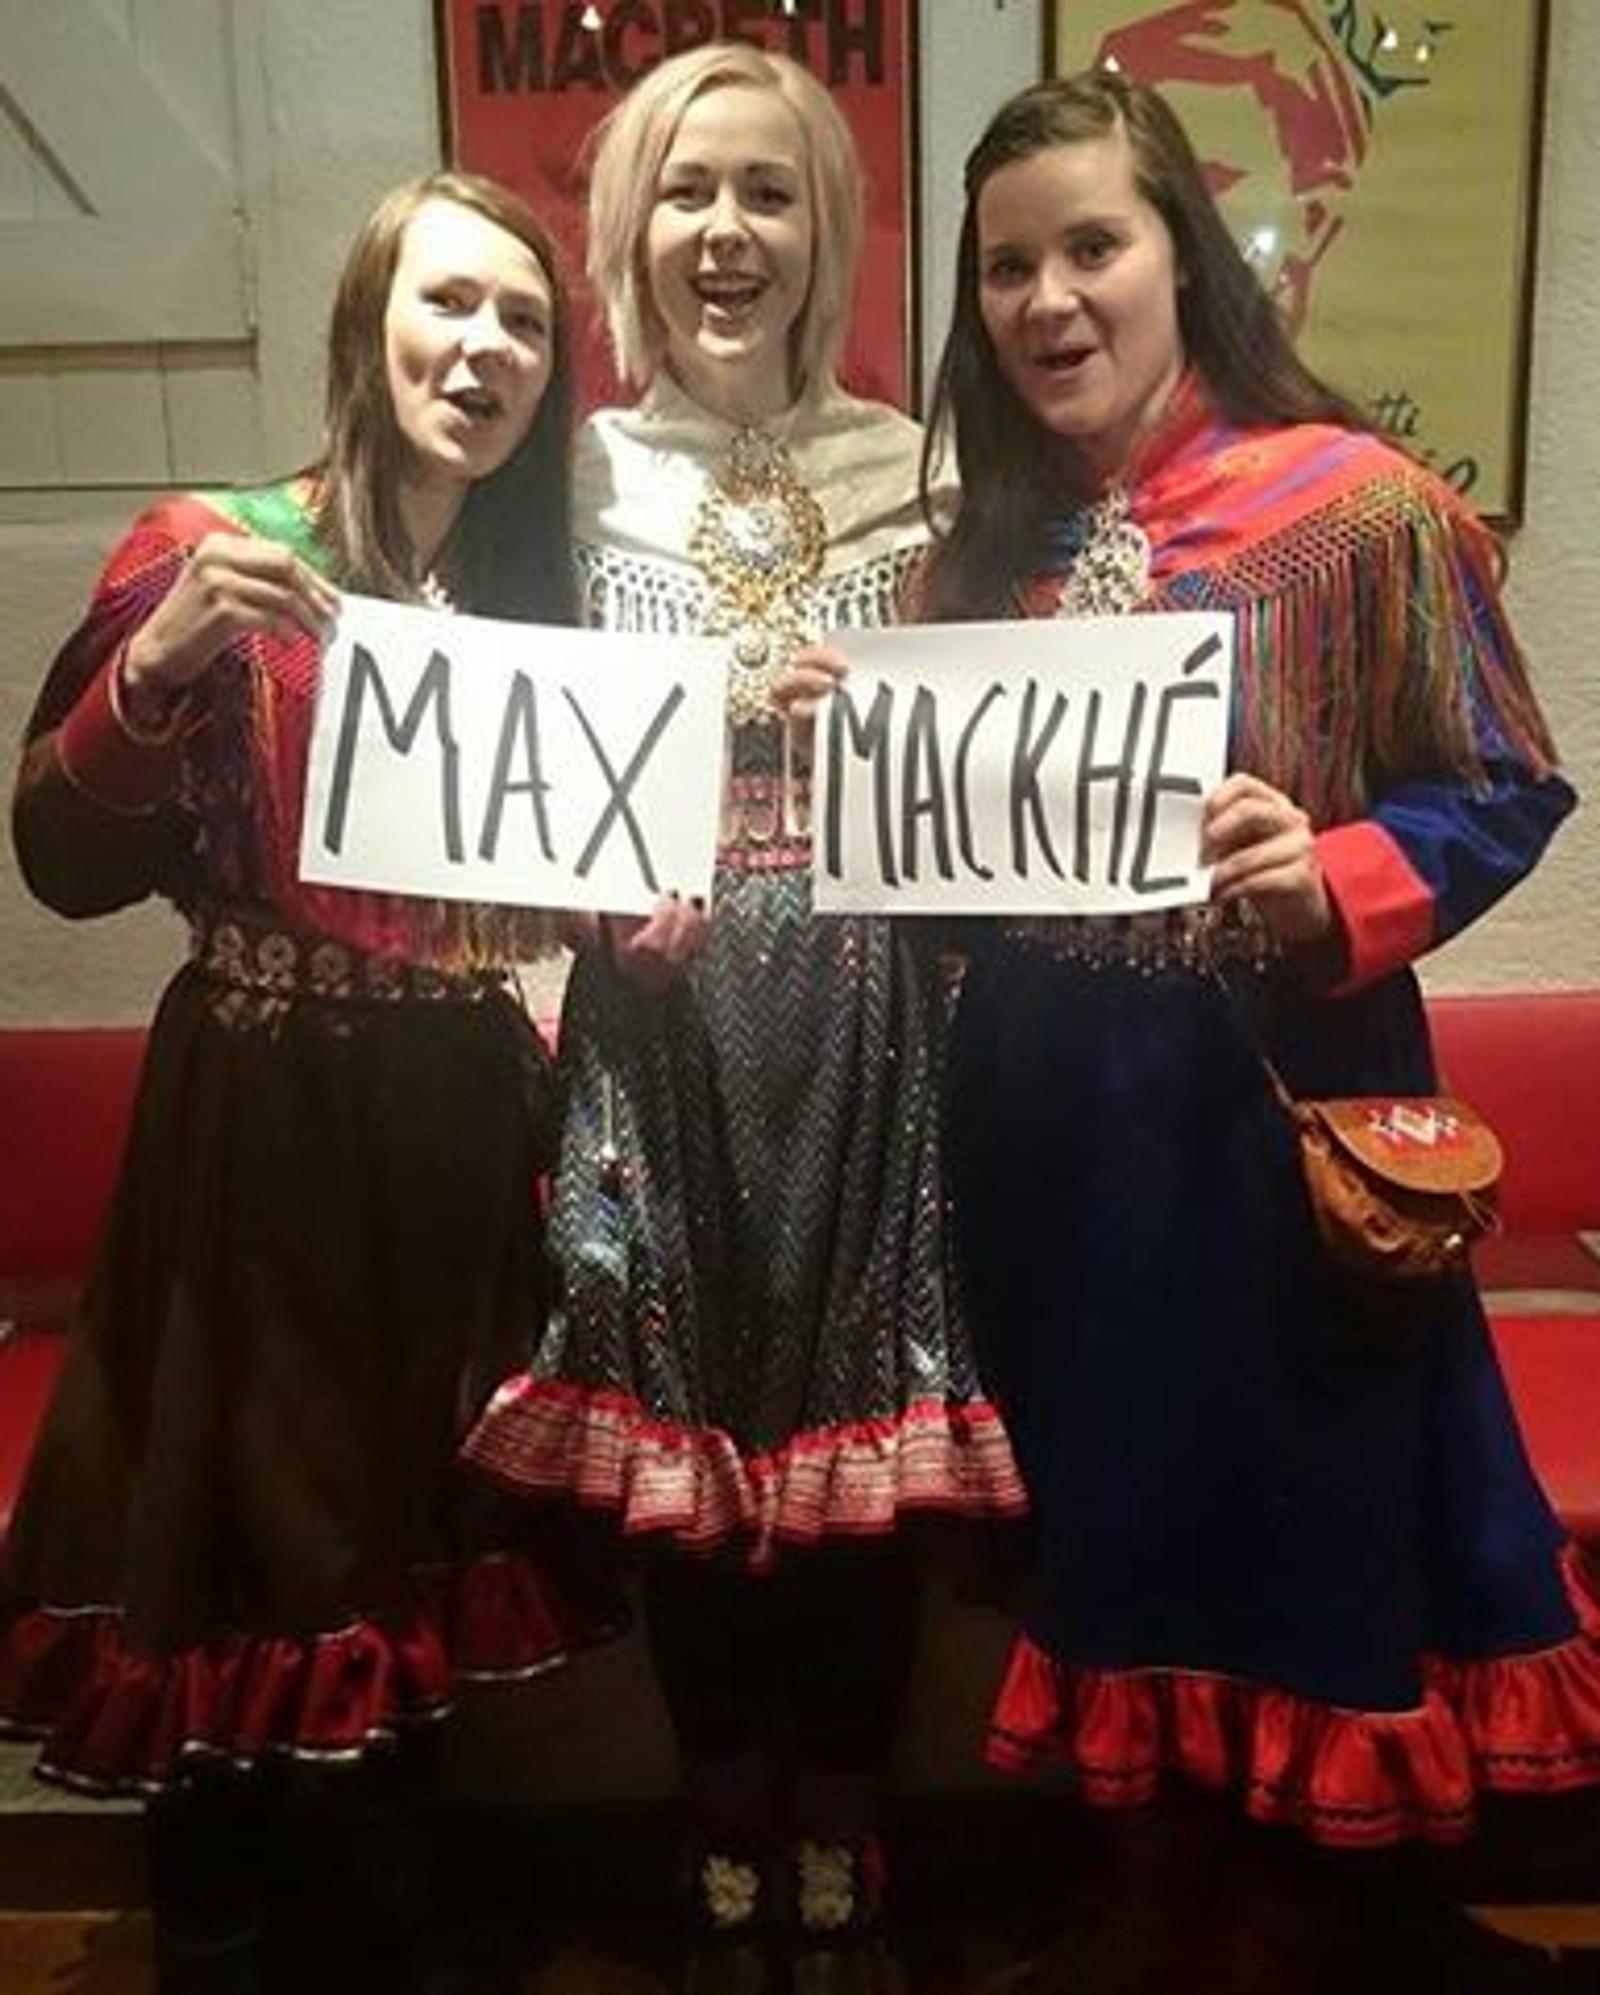 MAX MACKHÉ.